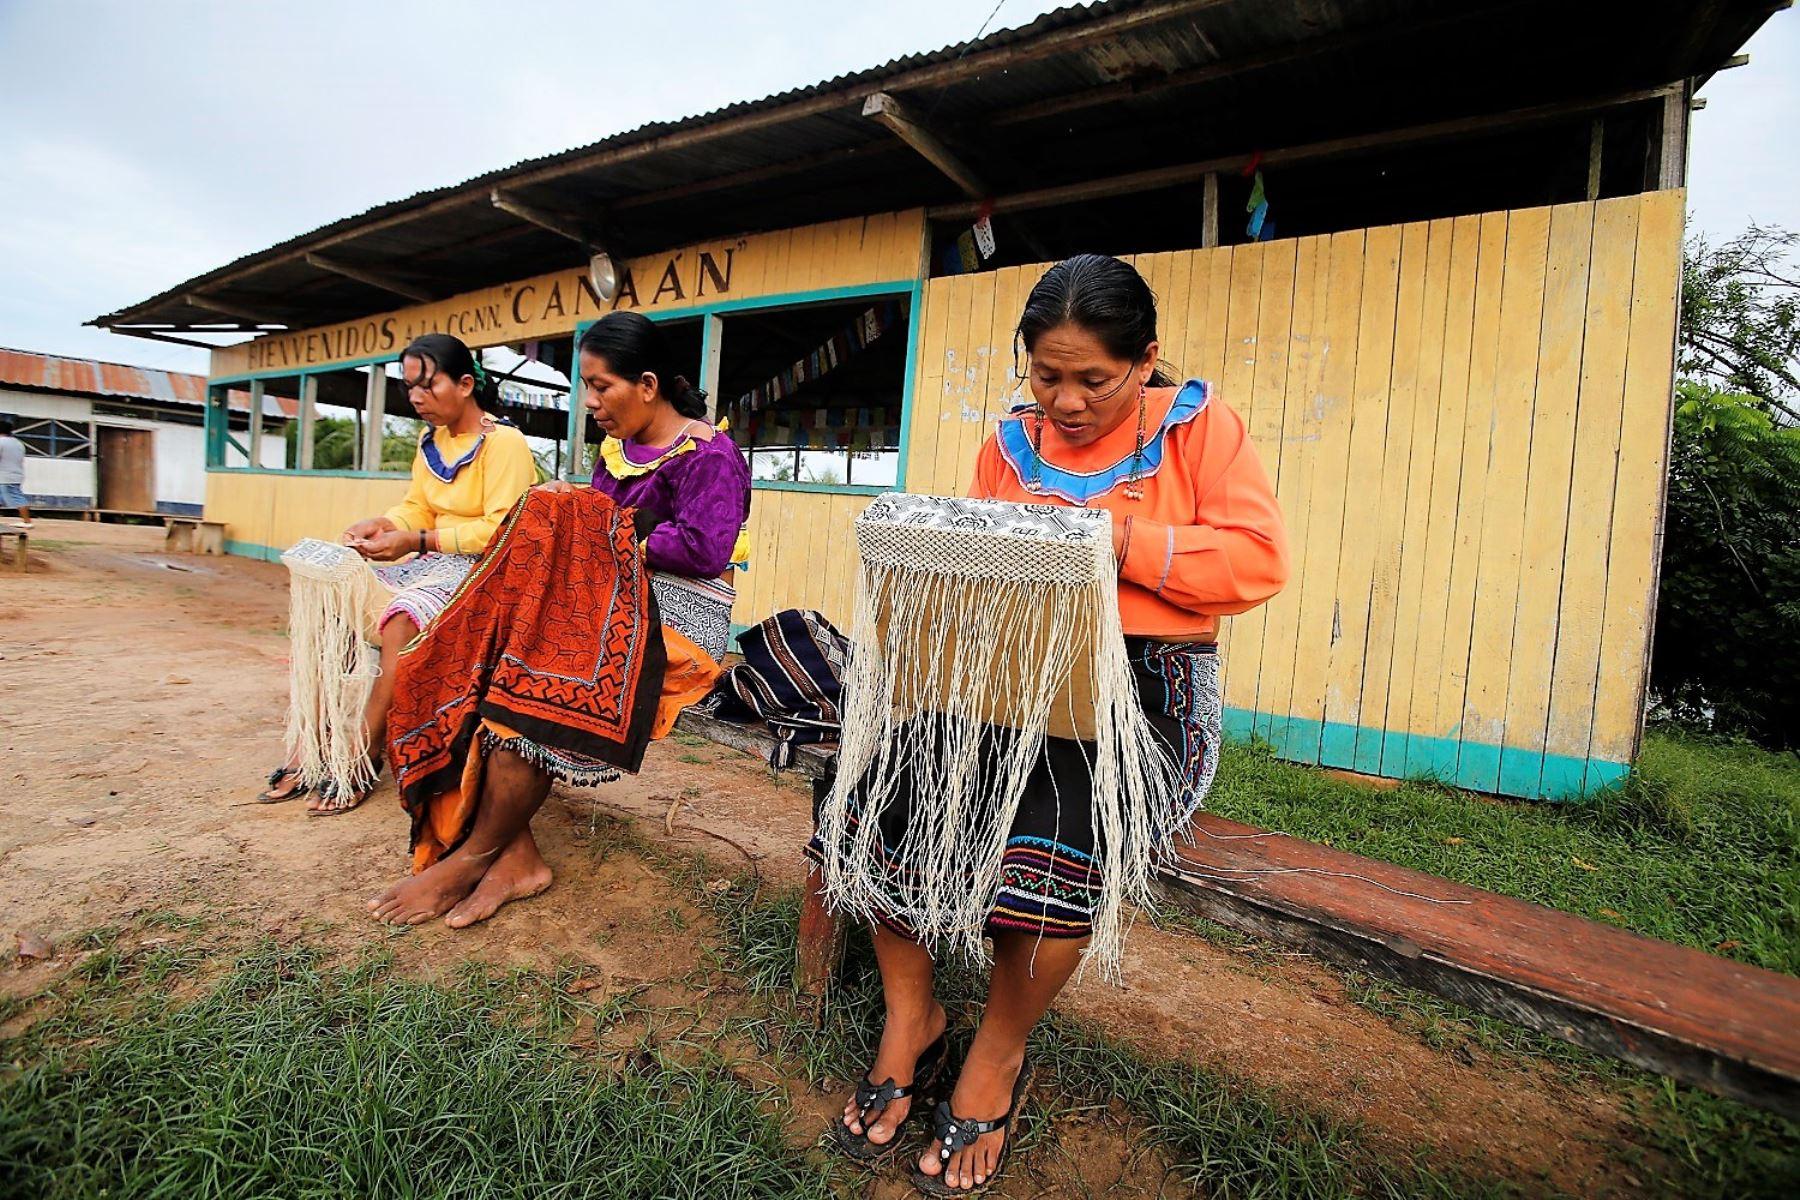 Las comunidades originarias reciben información sobre aislamiento social y prevención del coronavirus.